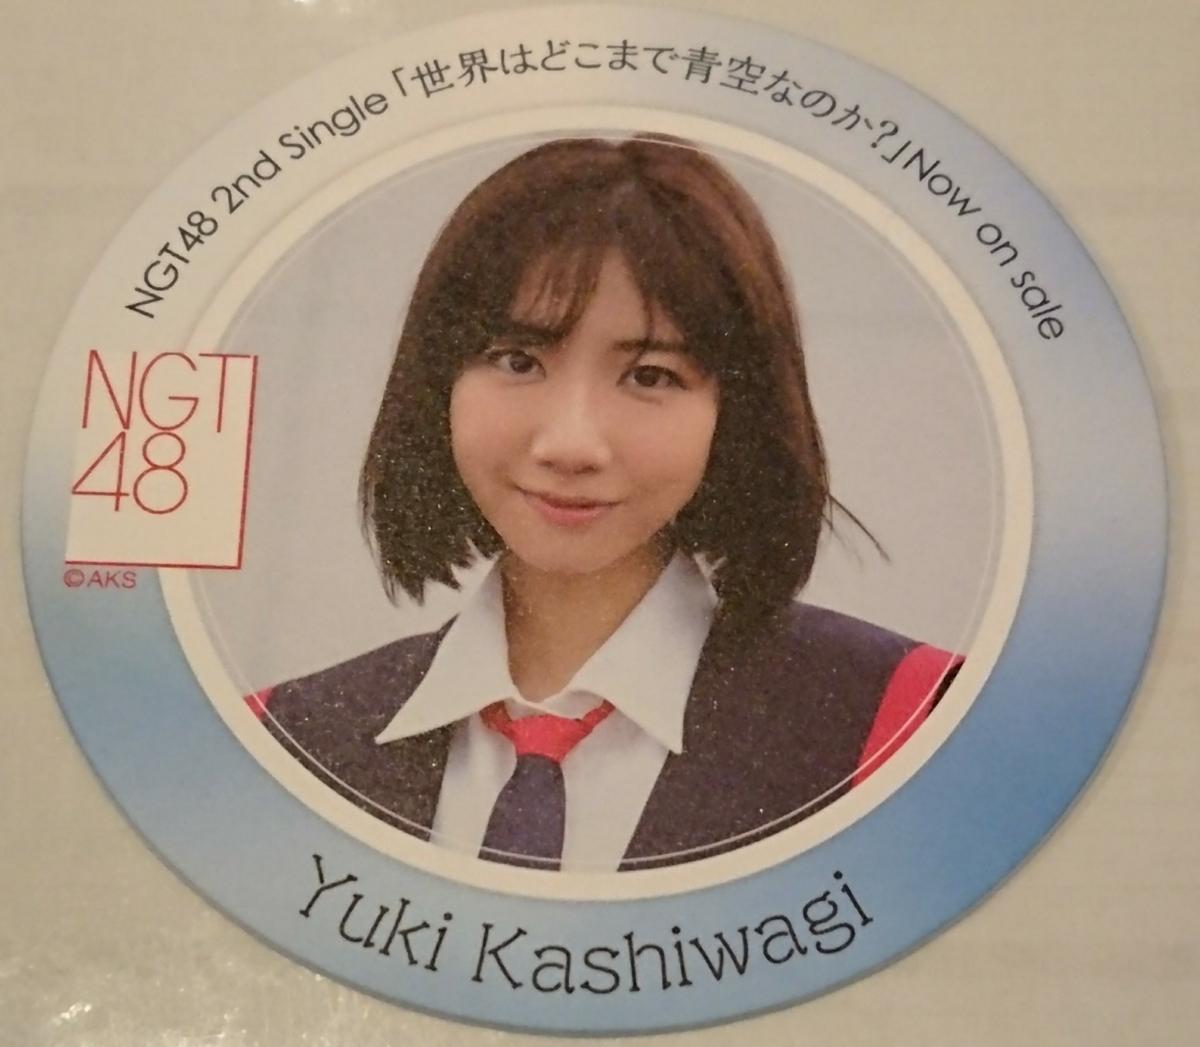 AKB48カフェ 世界はどこまで青空なのか? コラボ コースター NGT48 柏木由紀